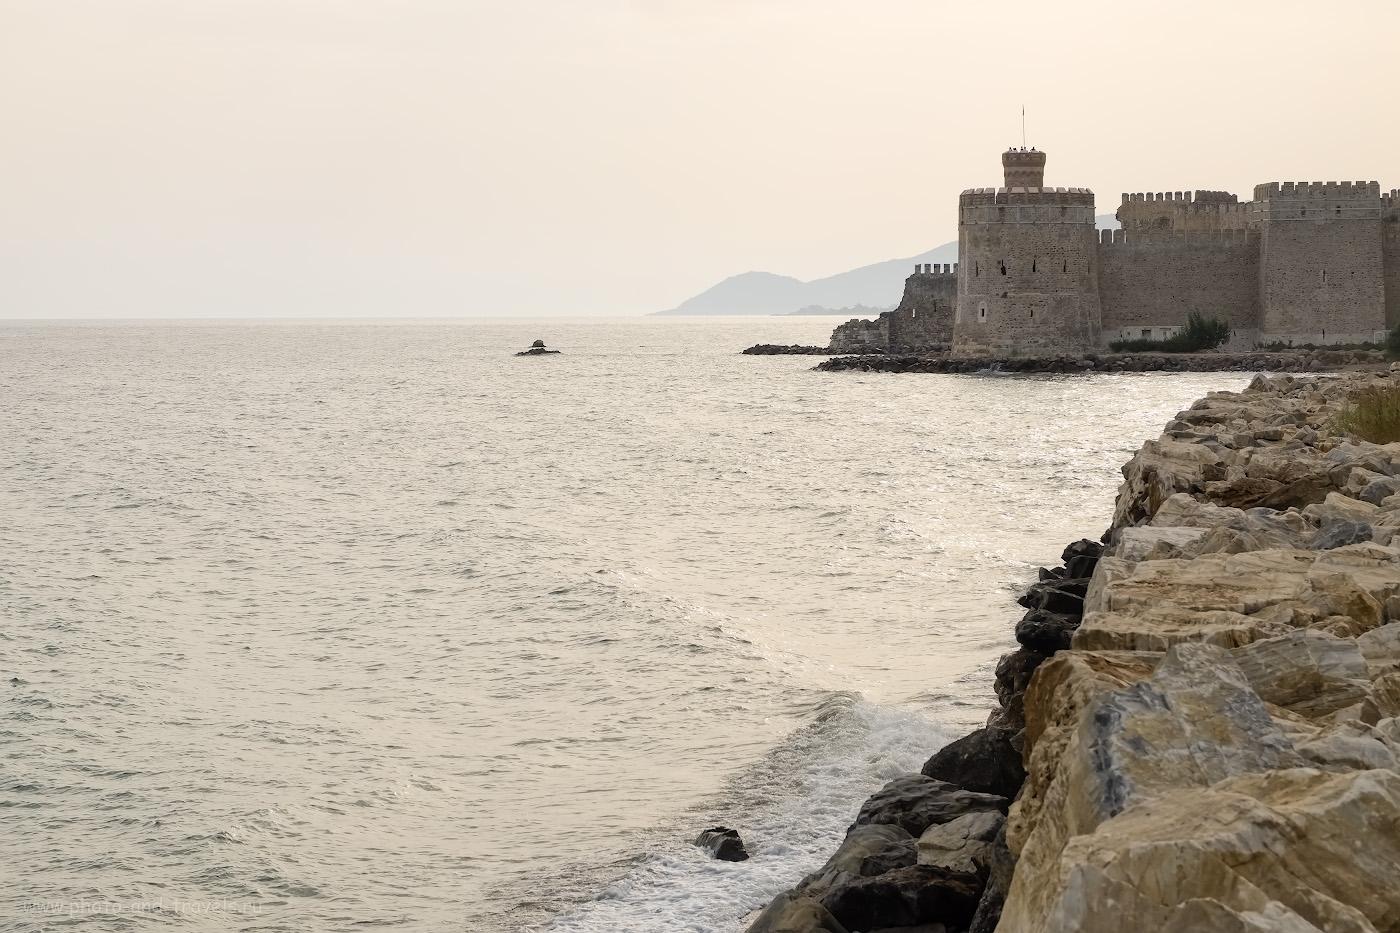 Фотография 21. Какие интересные места посетить в Анамуре? Например, крепость Мамуре (Mamure Kalesi). Составляем маршрут путешествия по Турции своим ходом. 1/400, 9.0, 200, +0.67, 55.